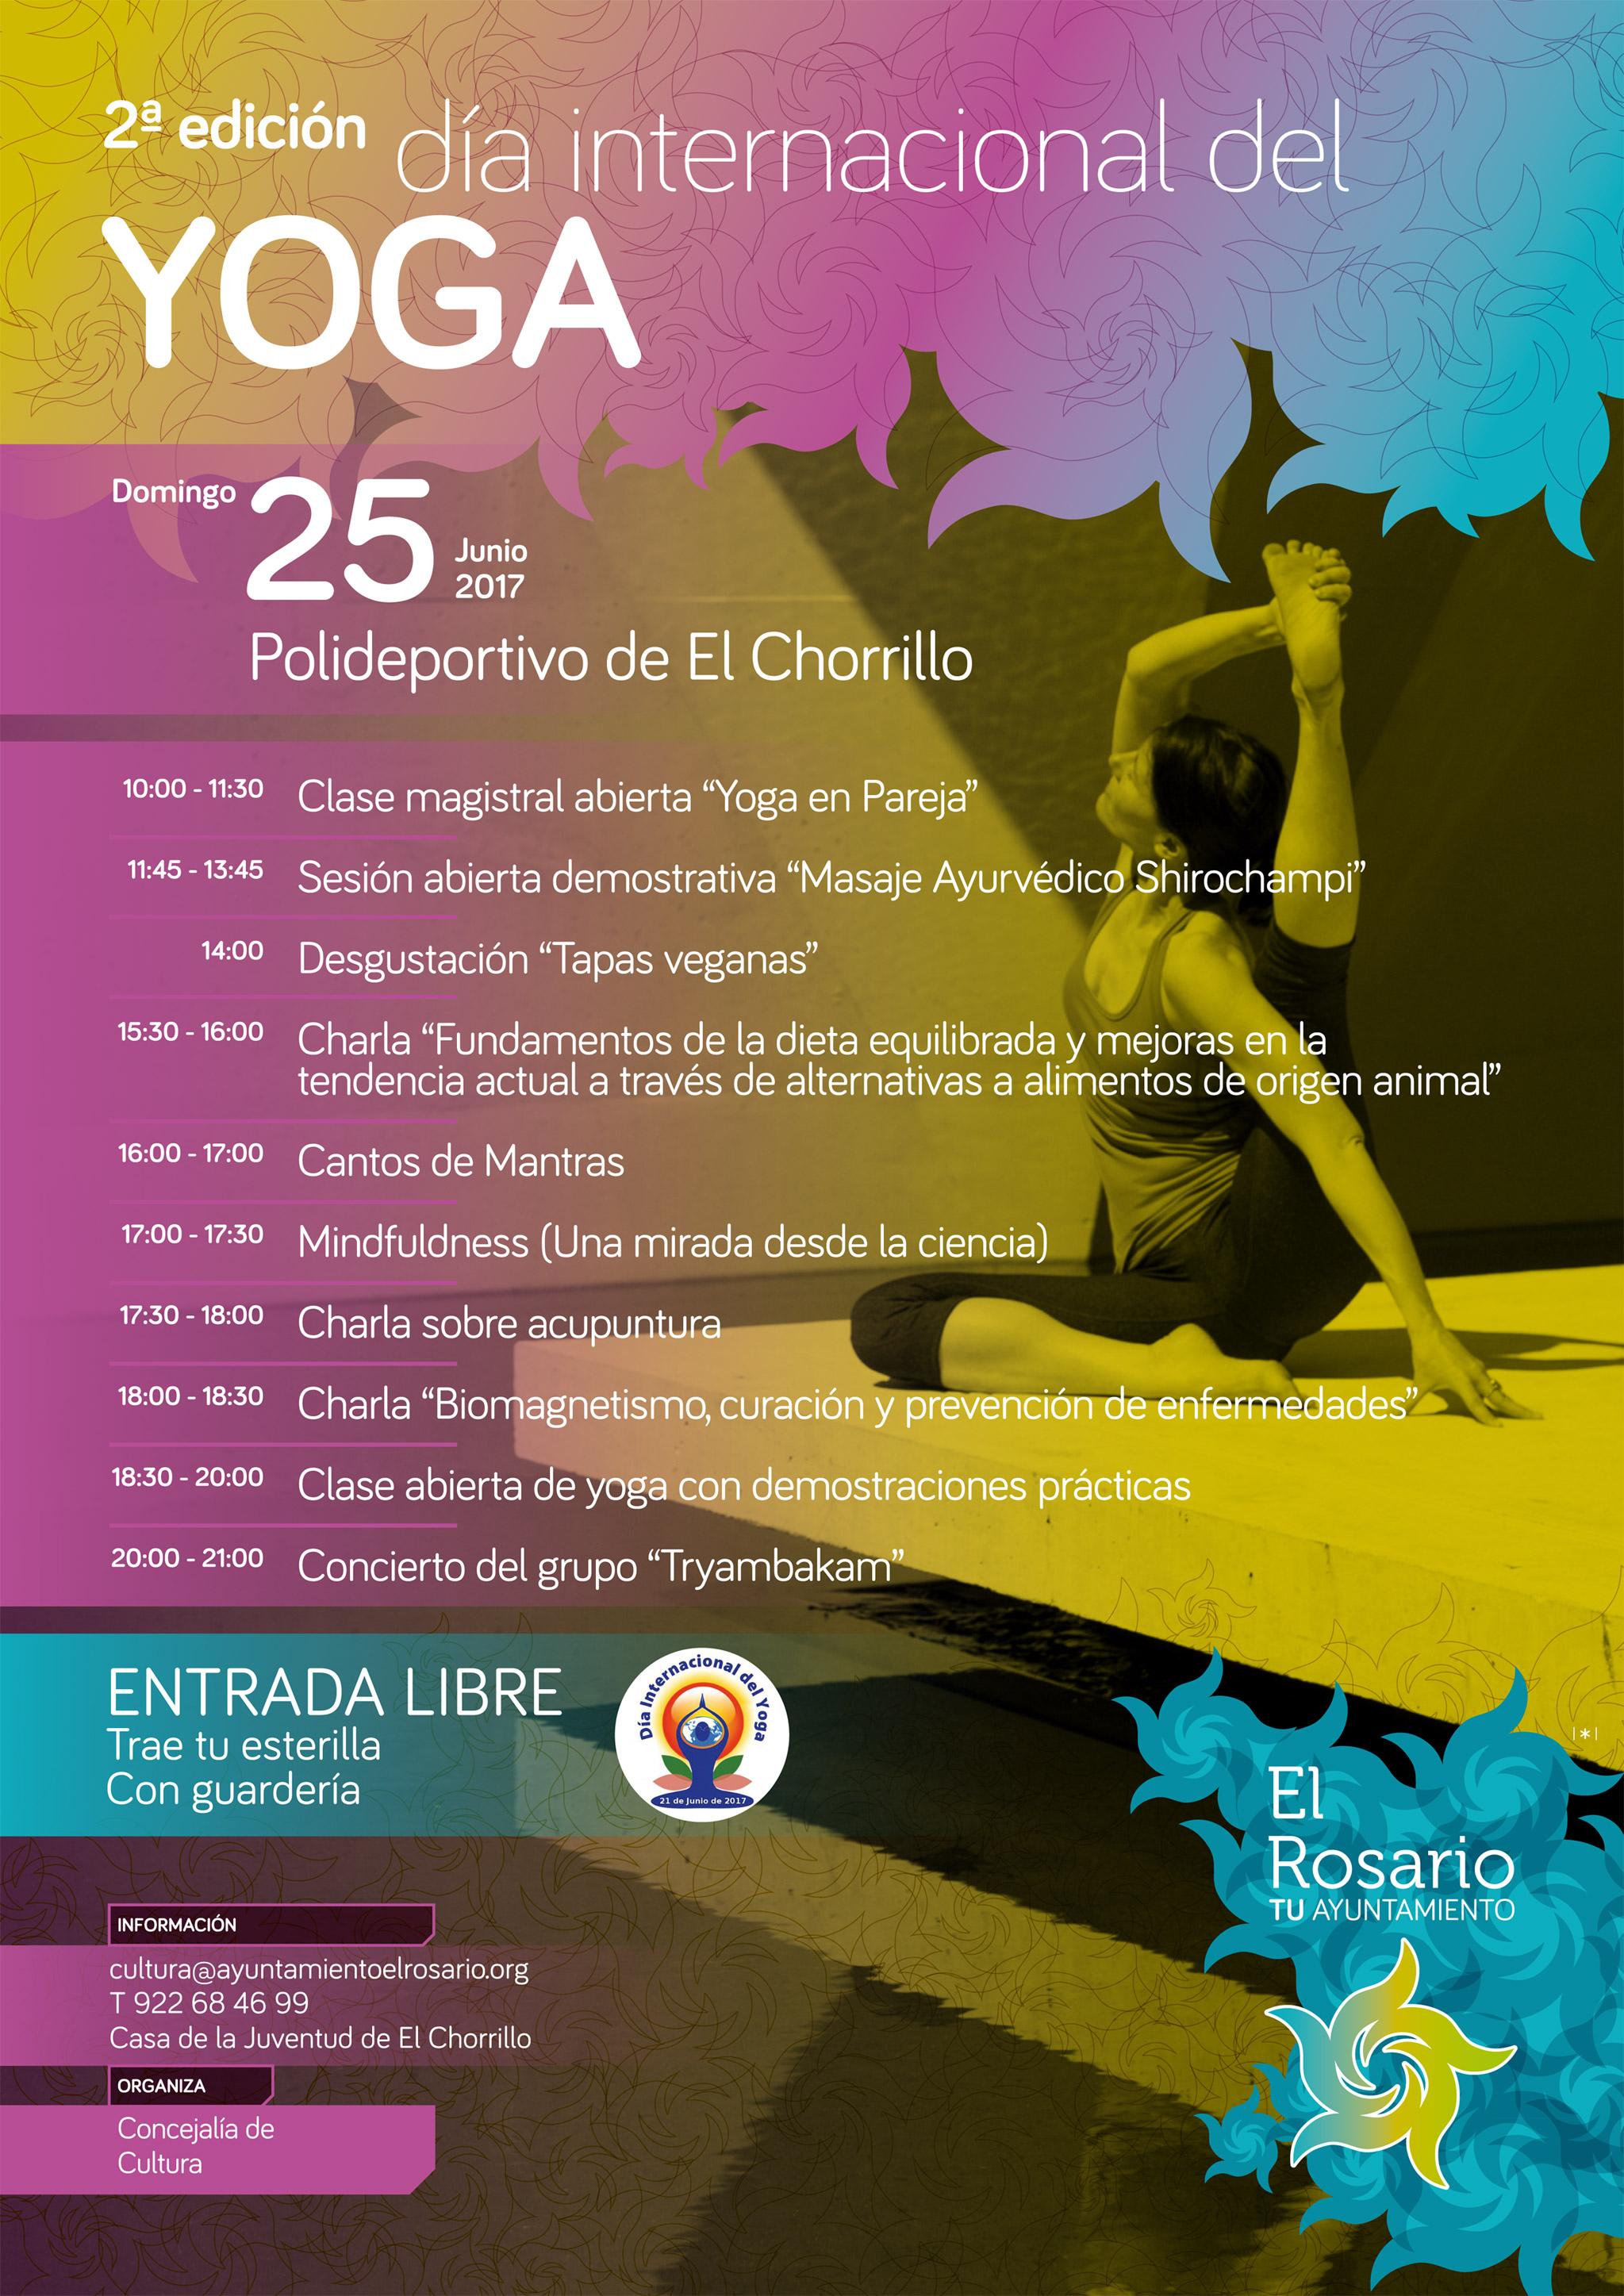 EL_ROSARIO-DIA-INTERNACIONAL-YOGA-20170625-01af-digital